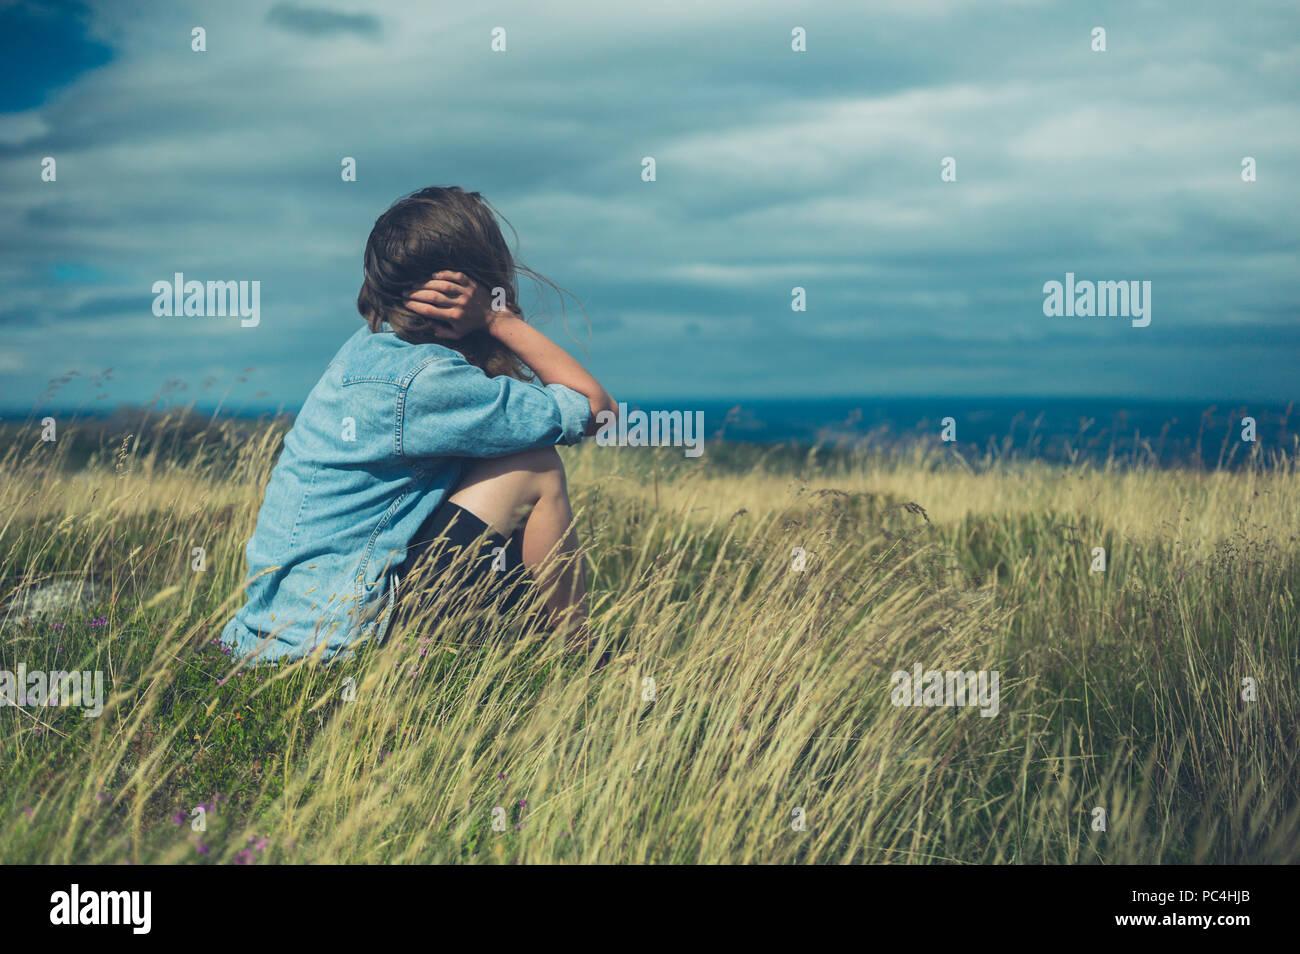 Un triste donna è seduto in un campo in una giornata di vento Immagini Stock